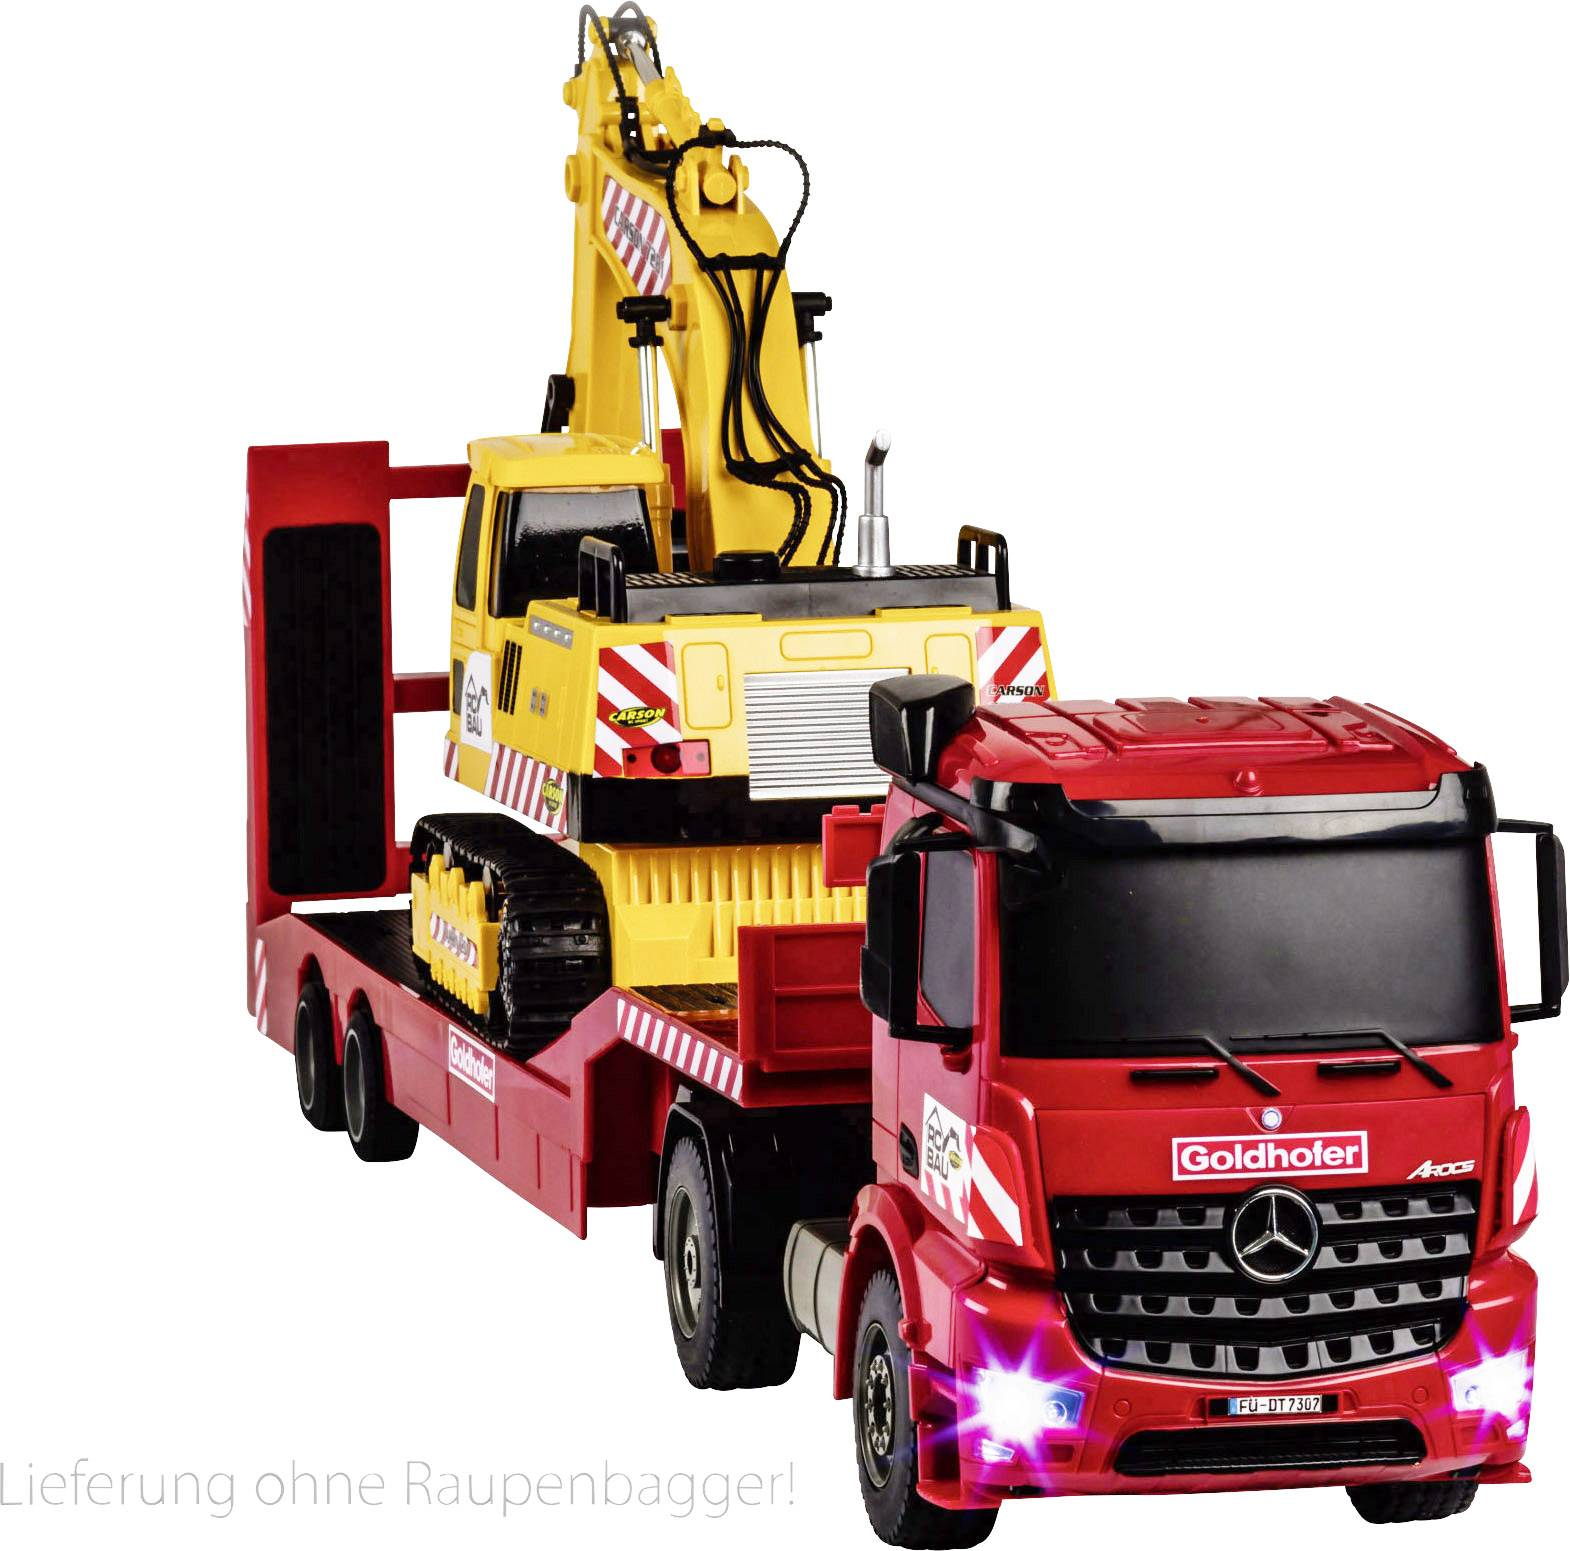 Carson RC Sport Arocs s Goldhofer niskim utovarivačem 1:20 rc funkcijski model za početnike kamion uklj. baterija, punja